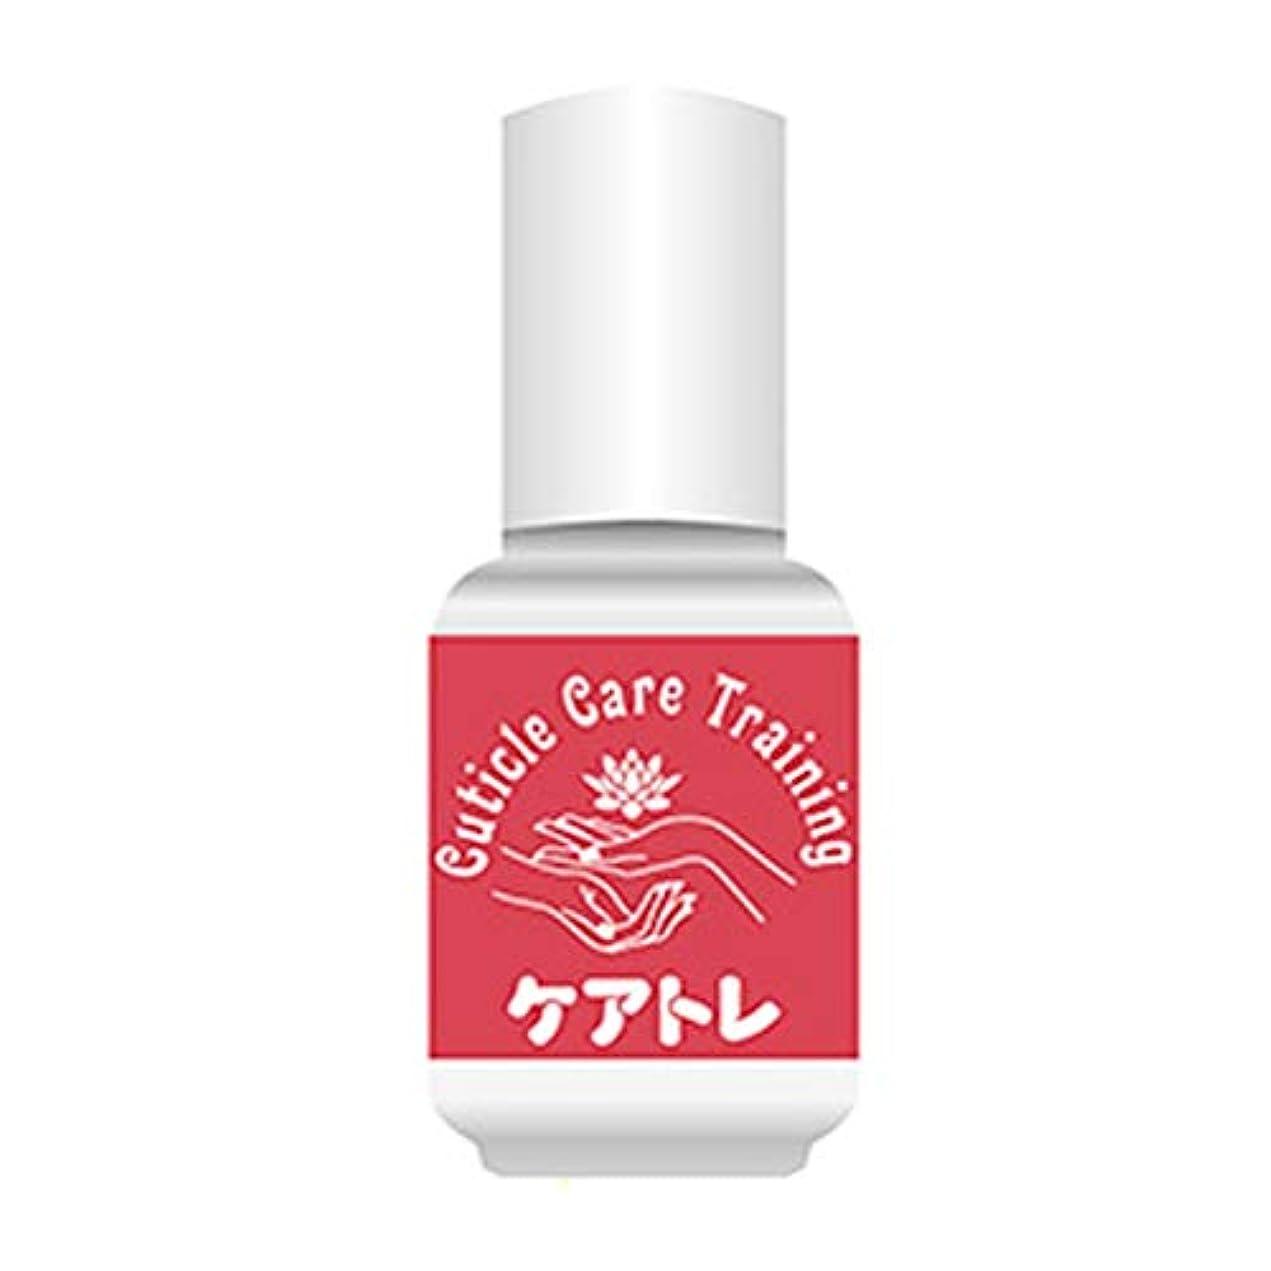 ひばりゴージャス松明Cuticle Care Training ケアトレ 10ml